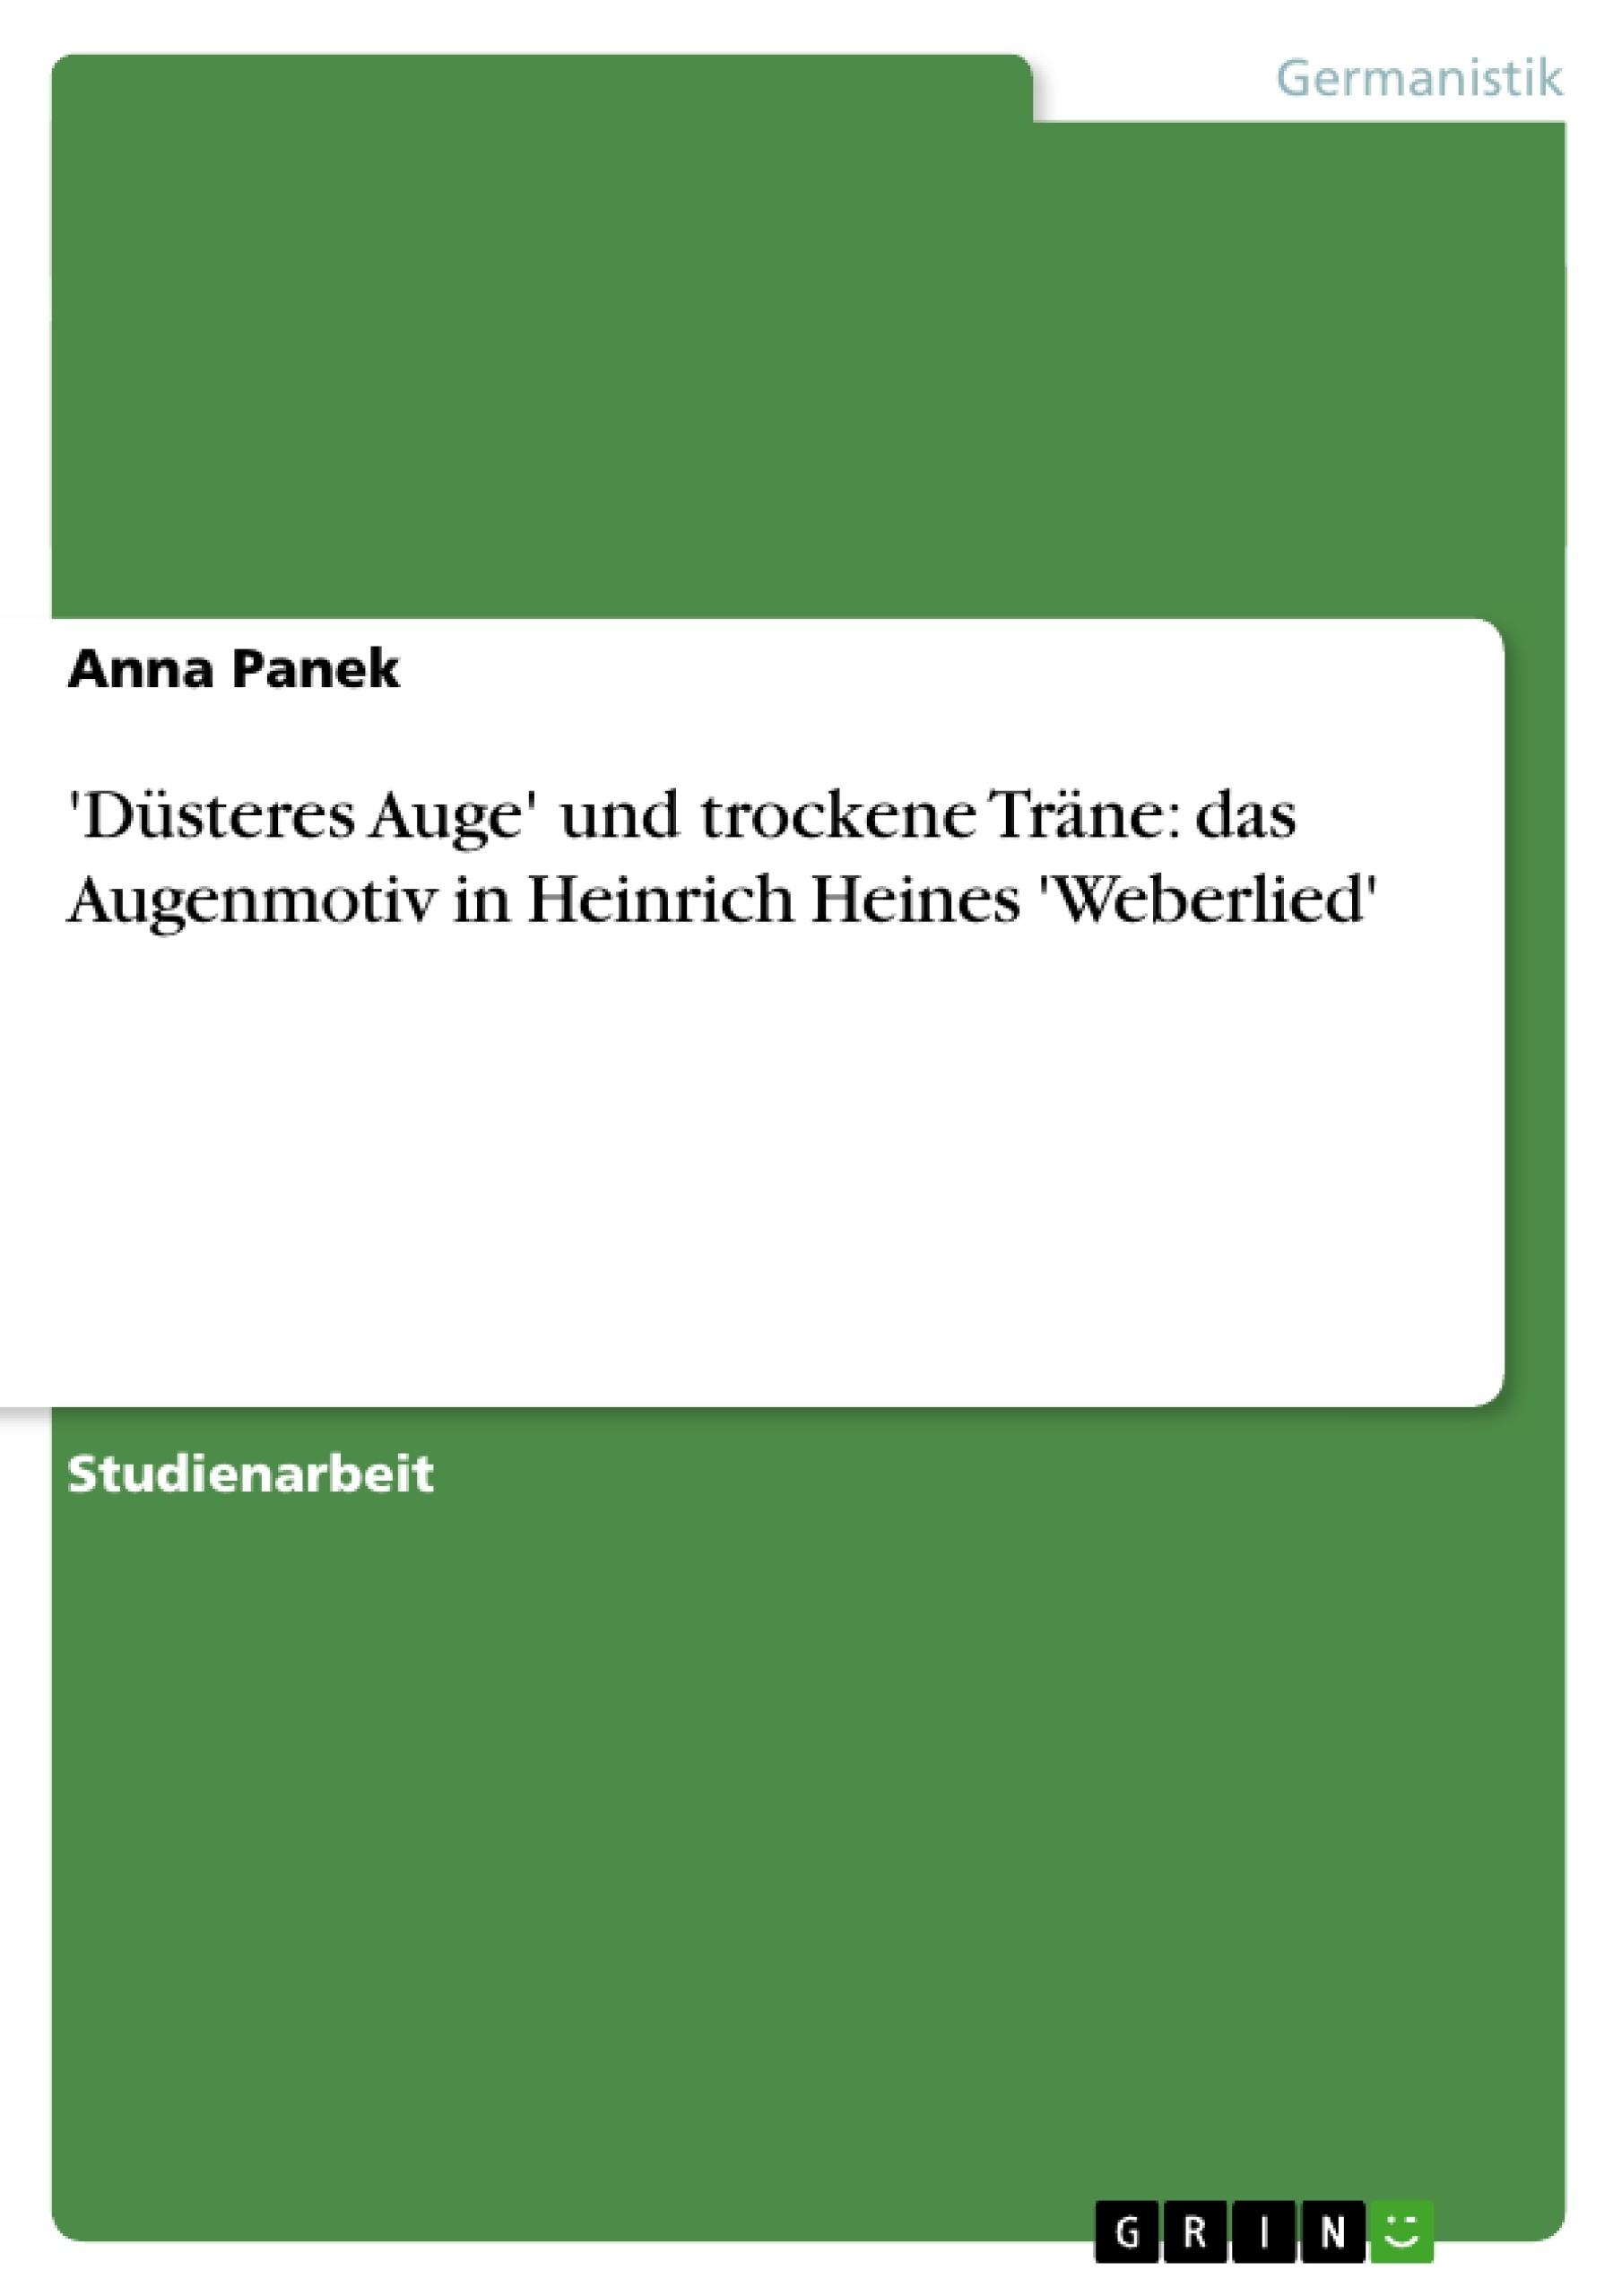 Titel: 'Düsteres Auge' und trockene Träne: das Augenmotiv in Heinrich Heines 'Weberlied'